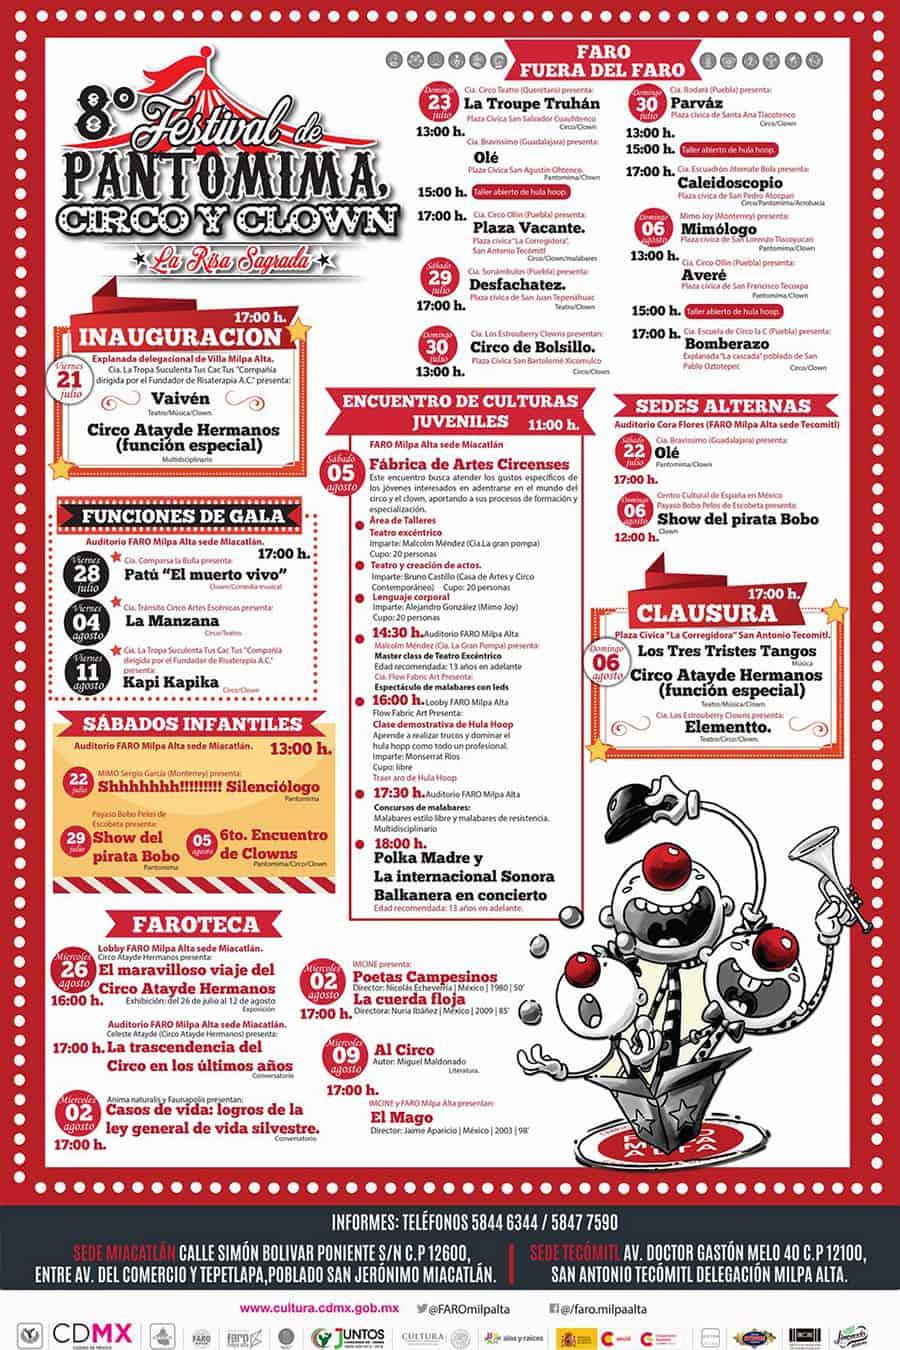 CDMX, Festival de Pantomima, Circo y Clown